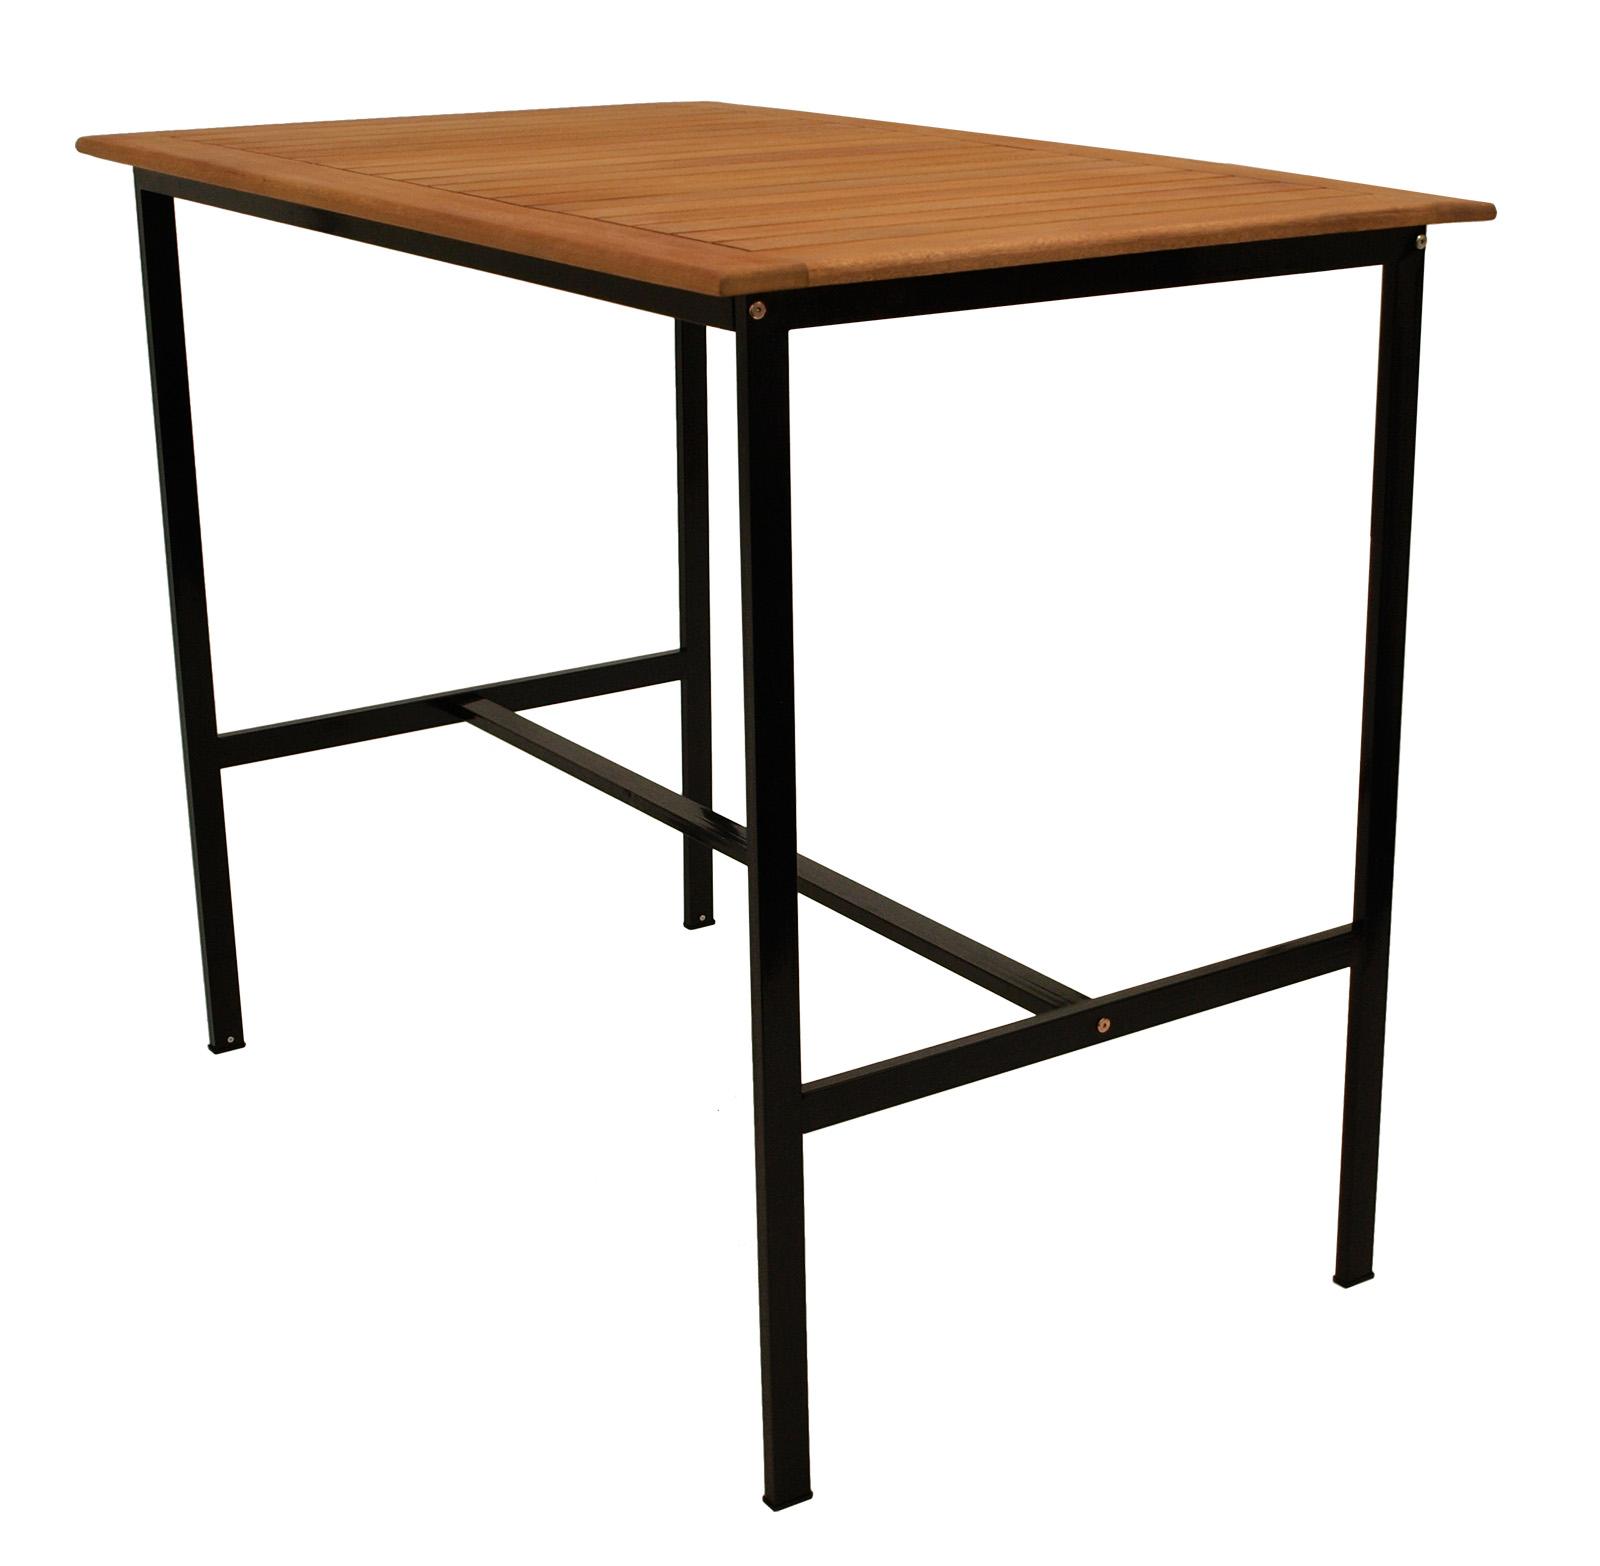 stehtisch bar tisch bartisch partytisch darwin 135x85cm metall schwarz holz ebay. Black Bedroom Furniture Sets. Home Design Ideas